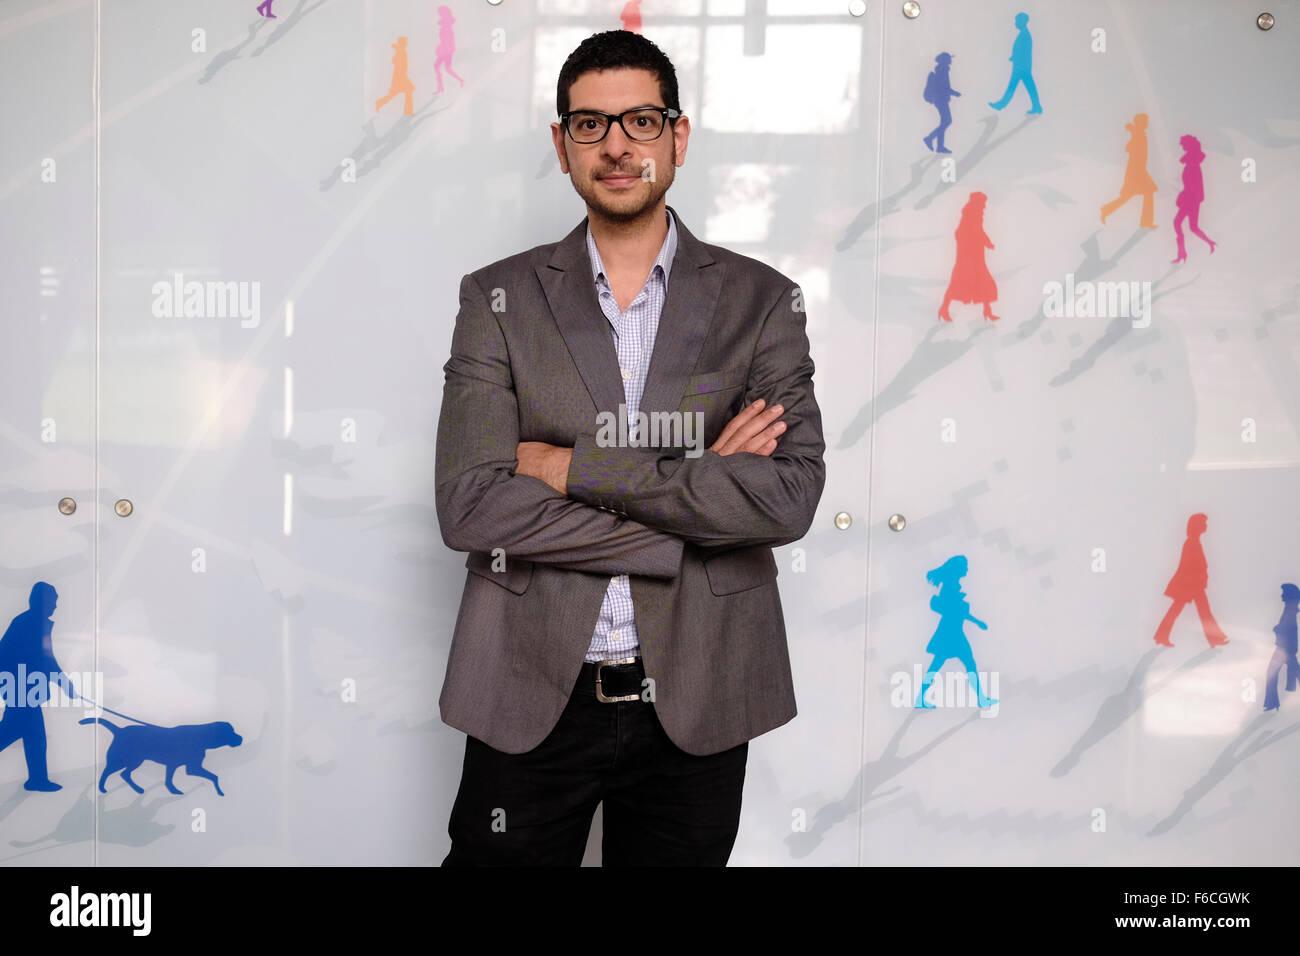 Bassam Beroumi un Arabe israélien société de haute technologie propriétaire en Israël Photo Stock